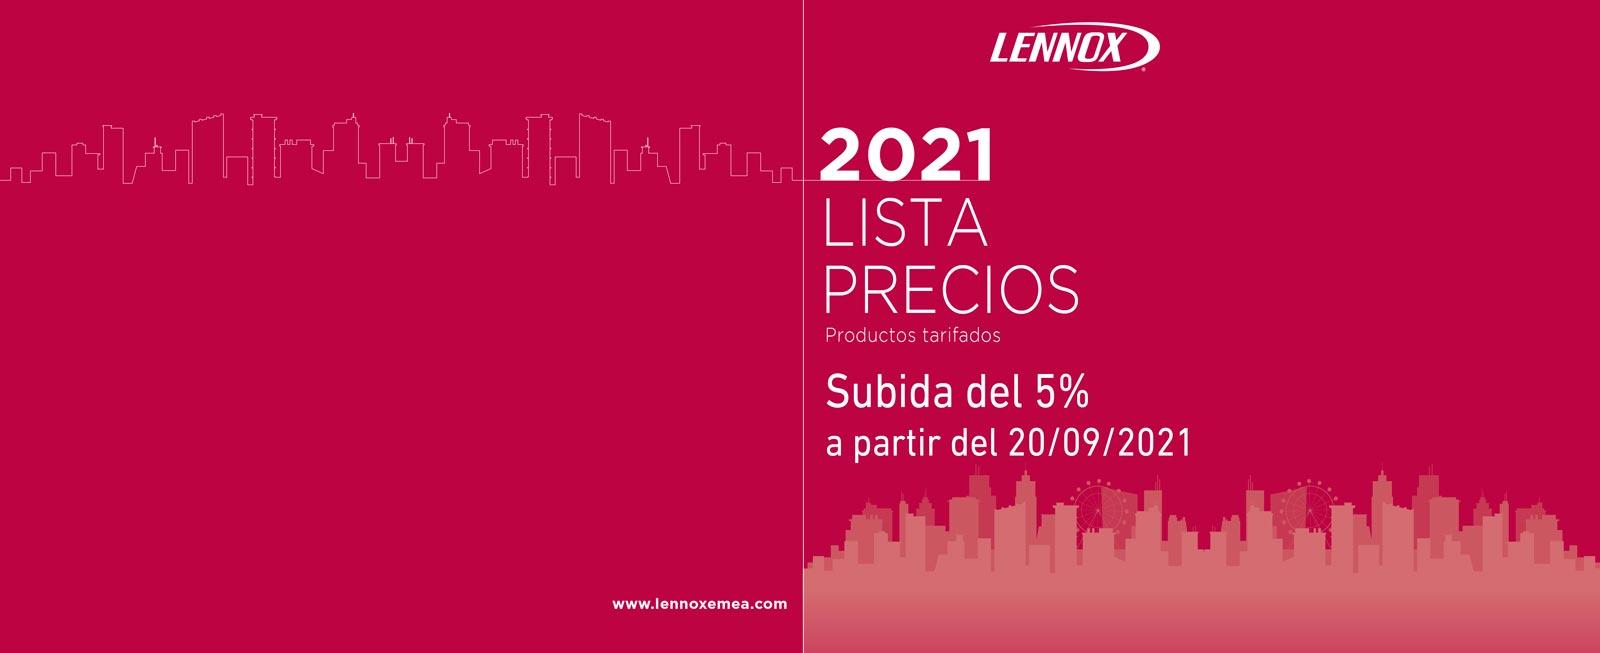 Subida tarifa Lennox 2021